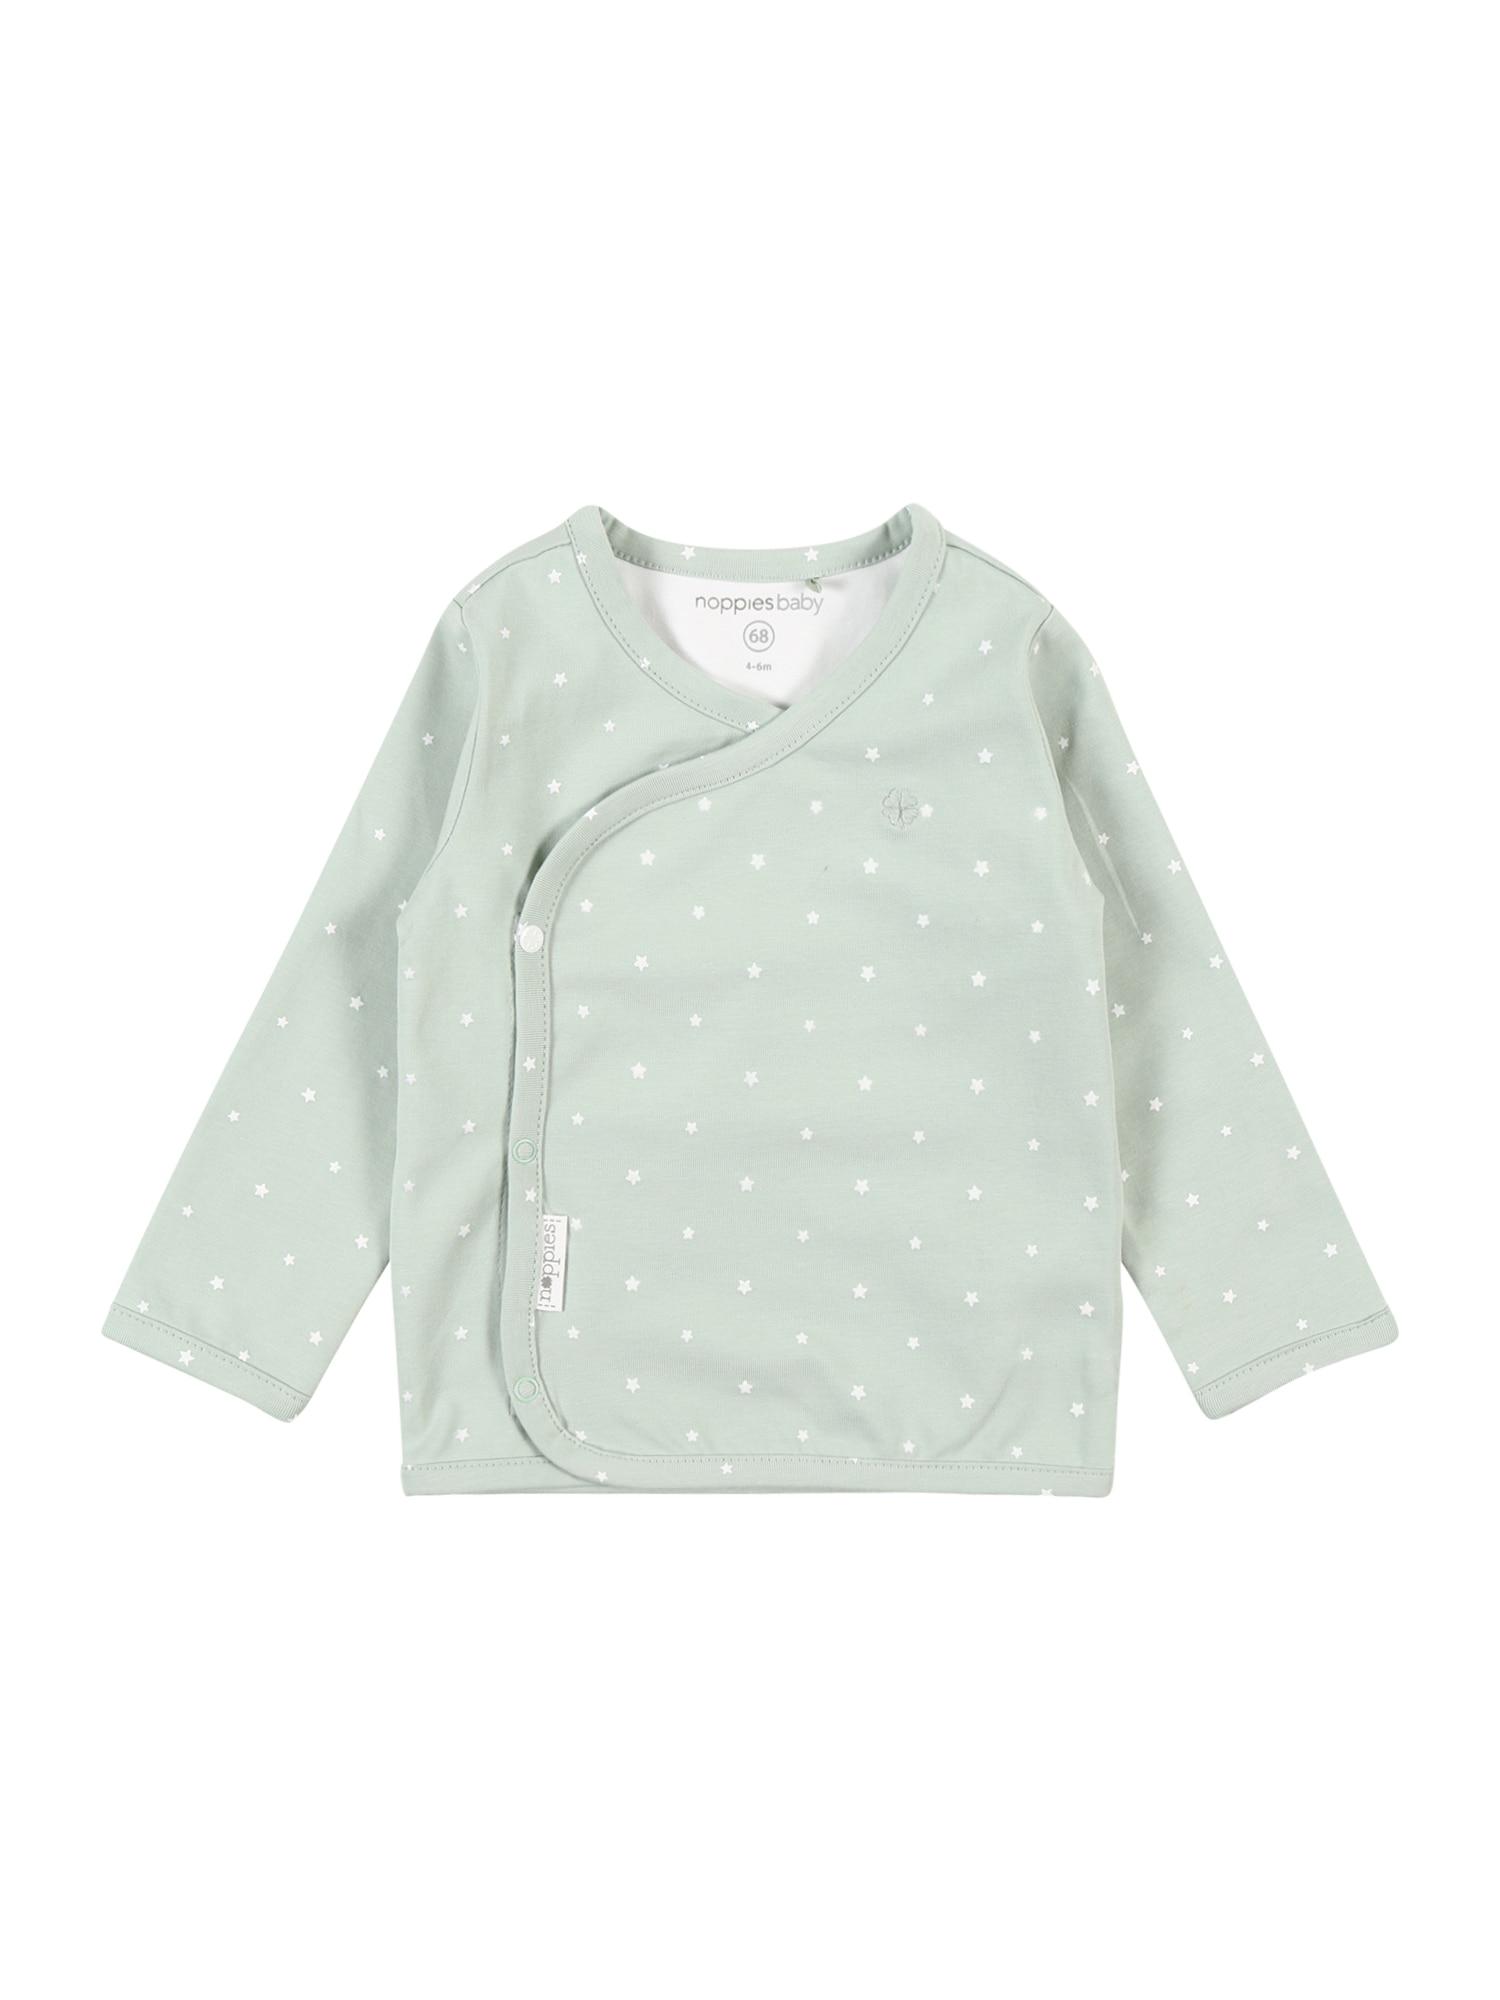 Noppies Marškinėliai mėtų spalva / balta